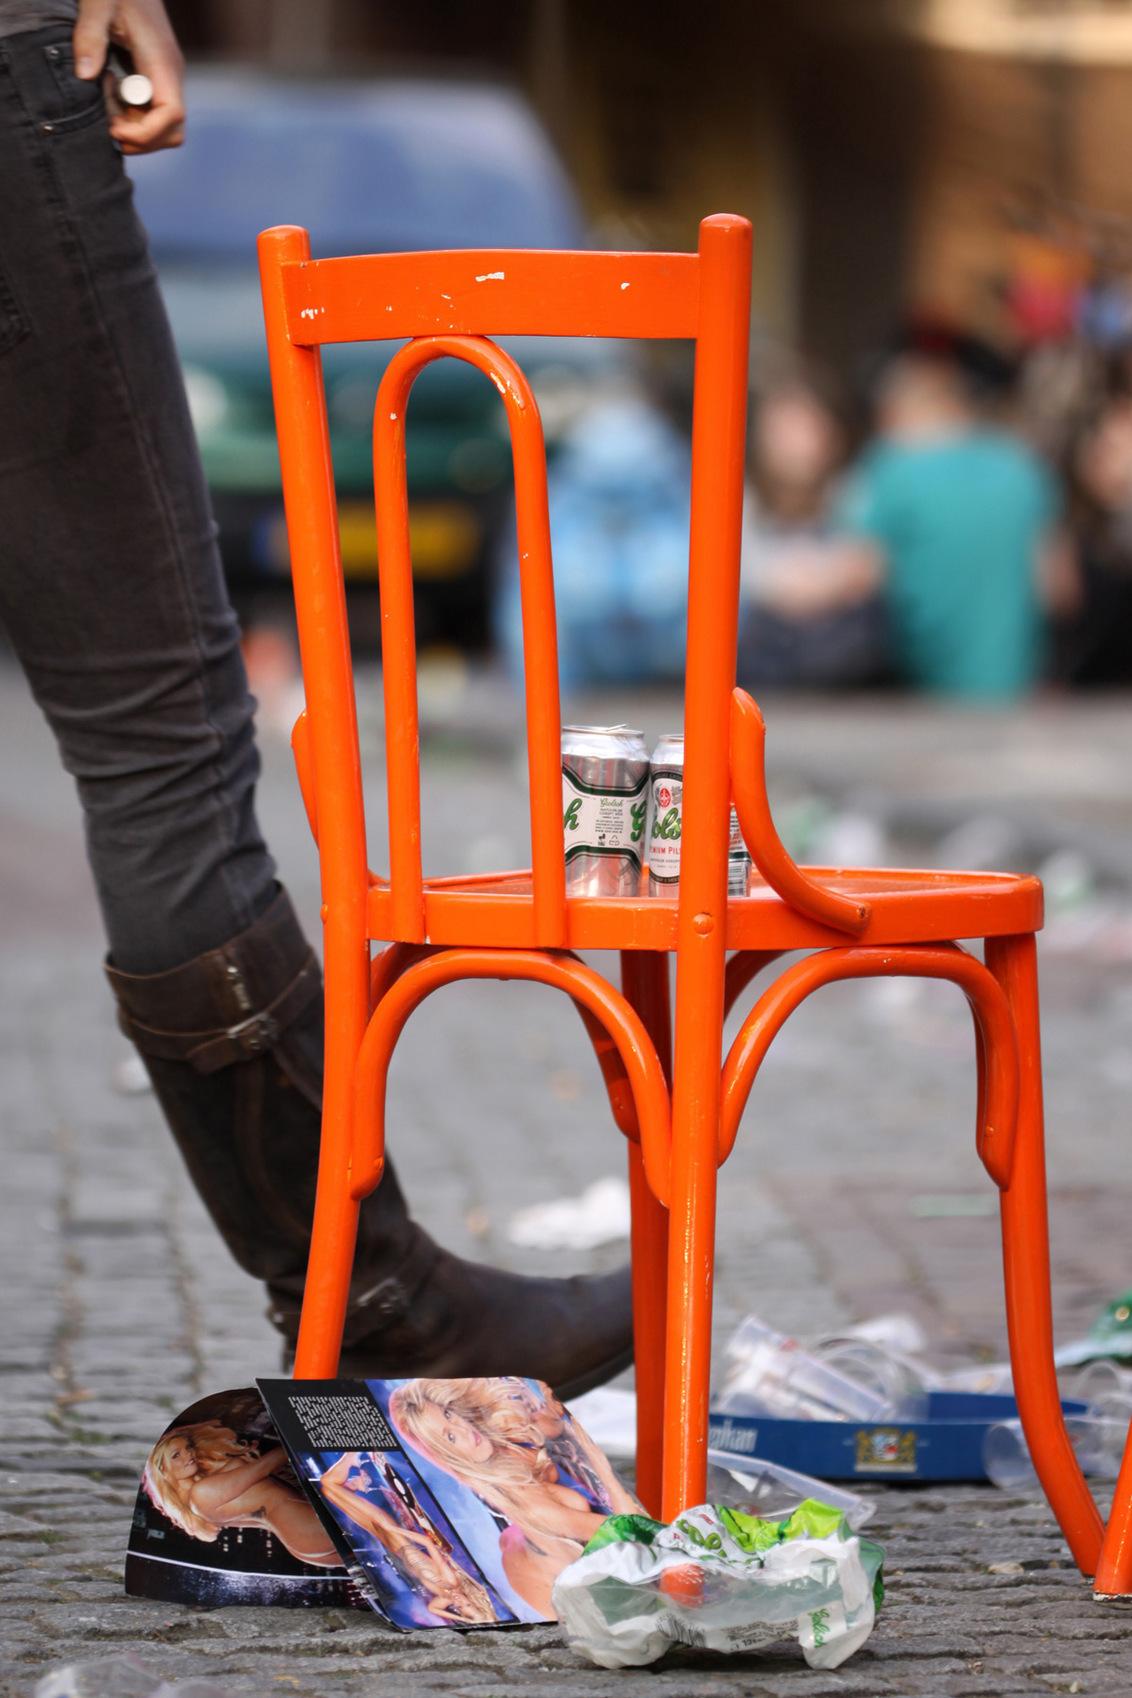 Koninginnedag Utrecht - Ledig Erf, einde dag.. - foto door zy-co op 27-04-2011 - deze foto bevat: kleur, oranje, koninginnedag, utrecht, plein, stoel, zwart wit, eos50d